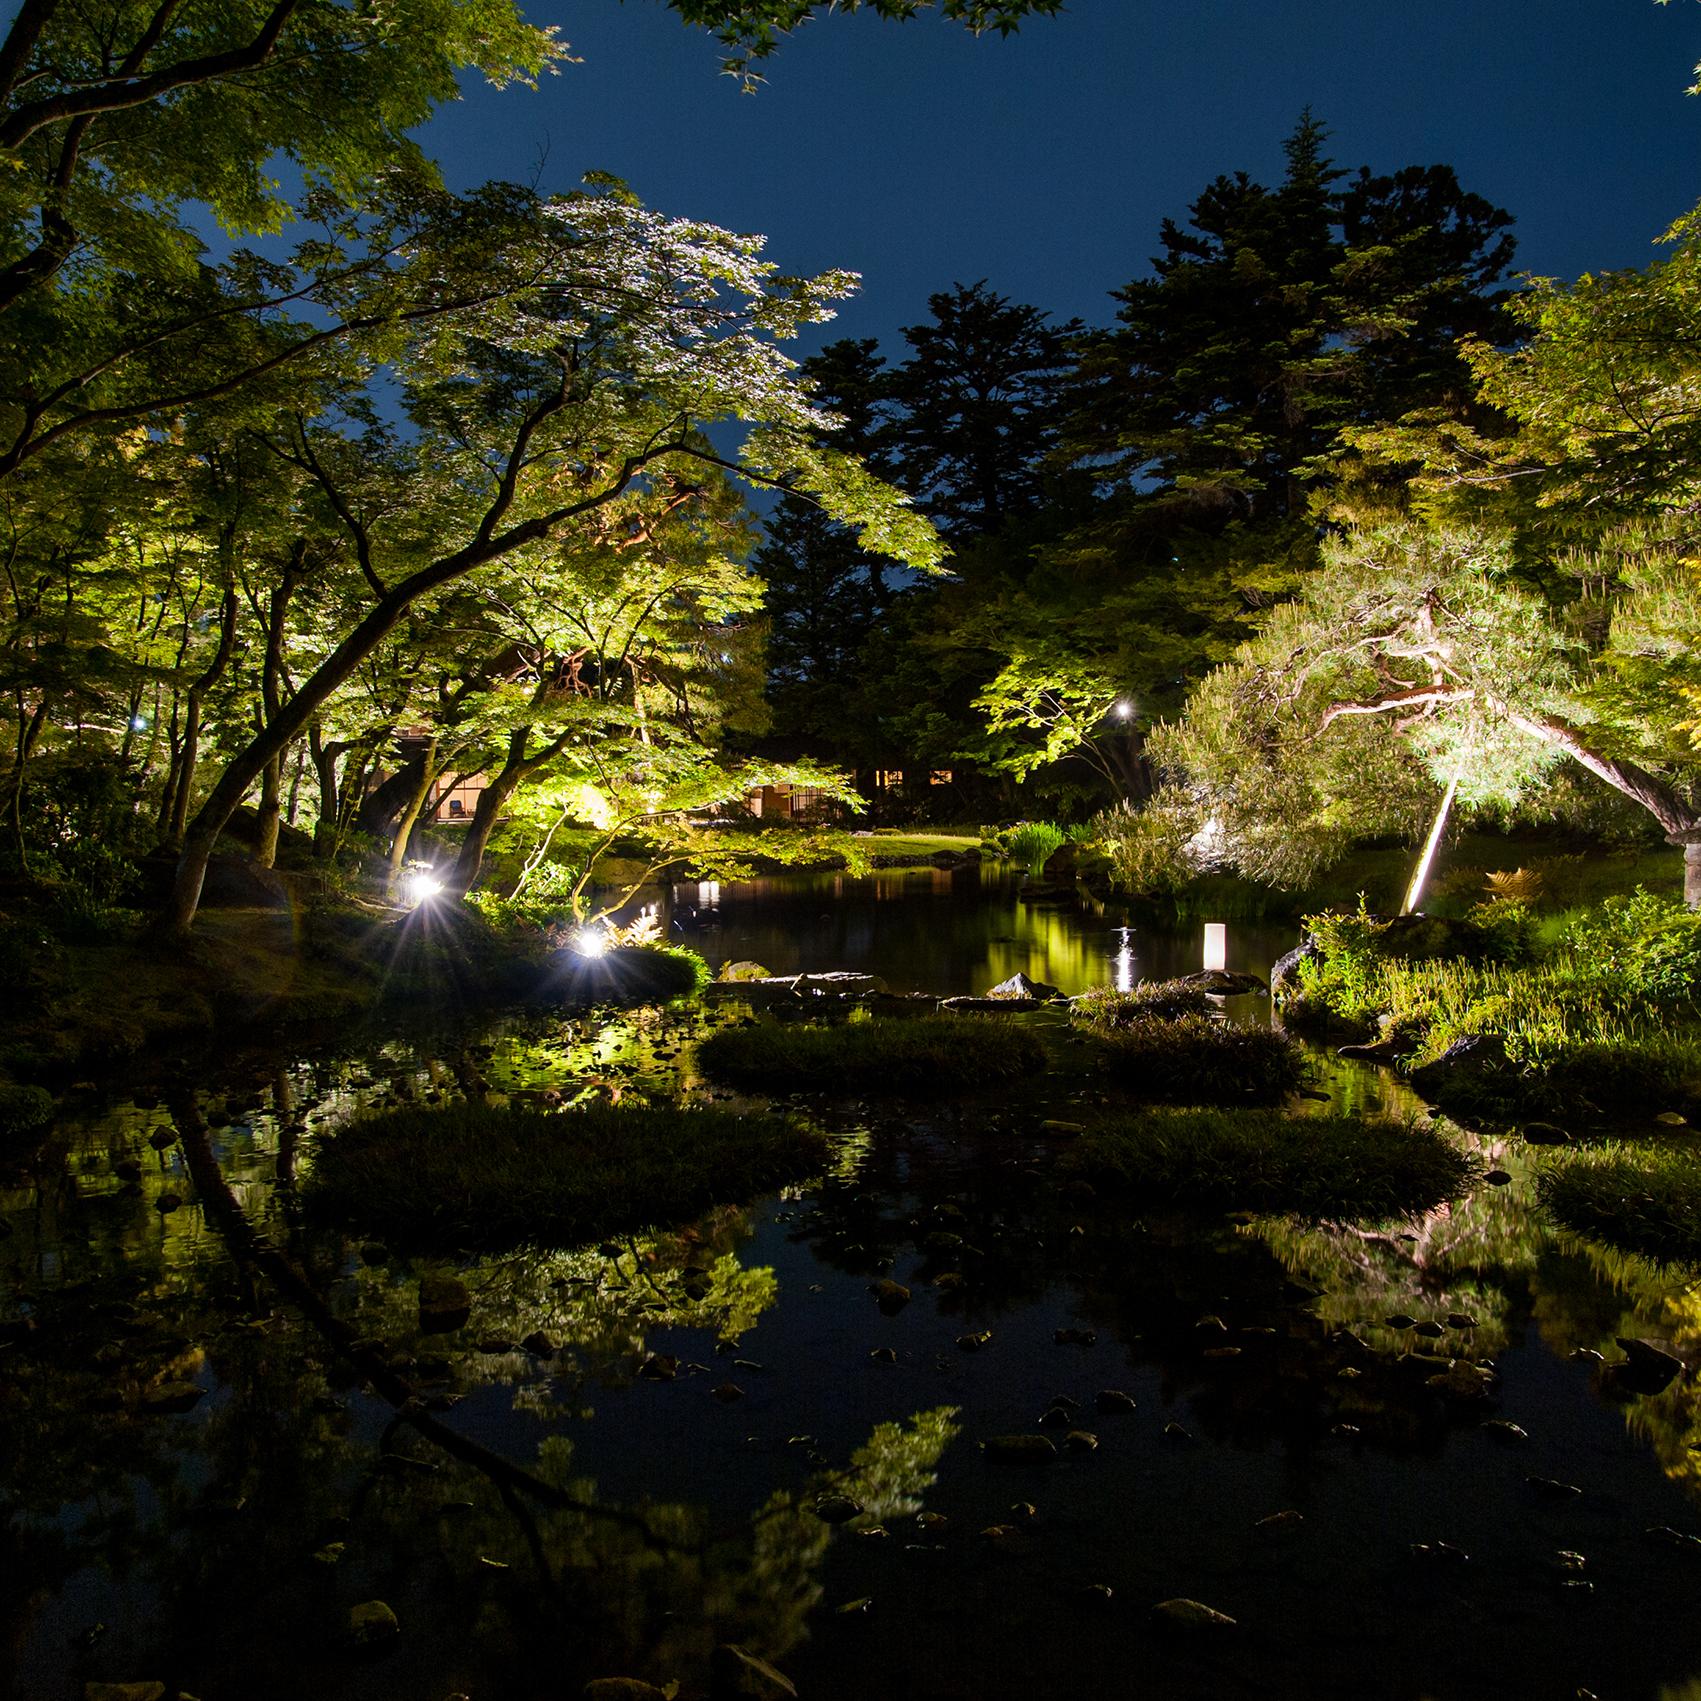 瓢亭×無鄰菴 ゴールデンウィーク特別限定 限定人数で京都を満喫!青もみじゆれる和ろうそく茶会